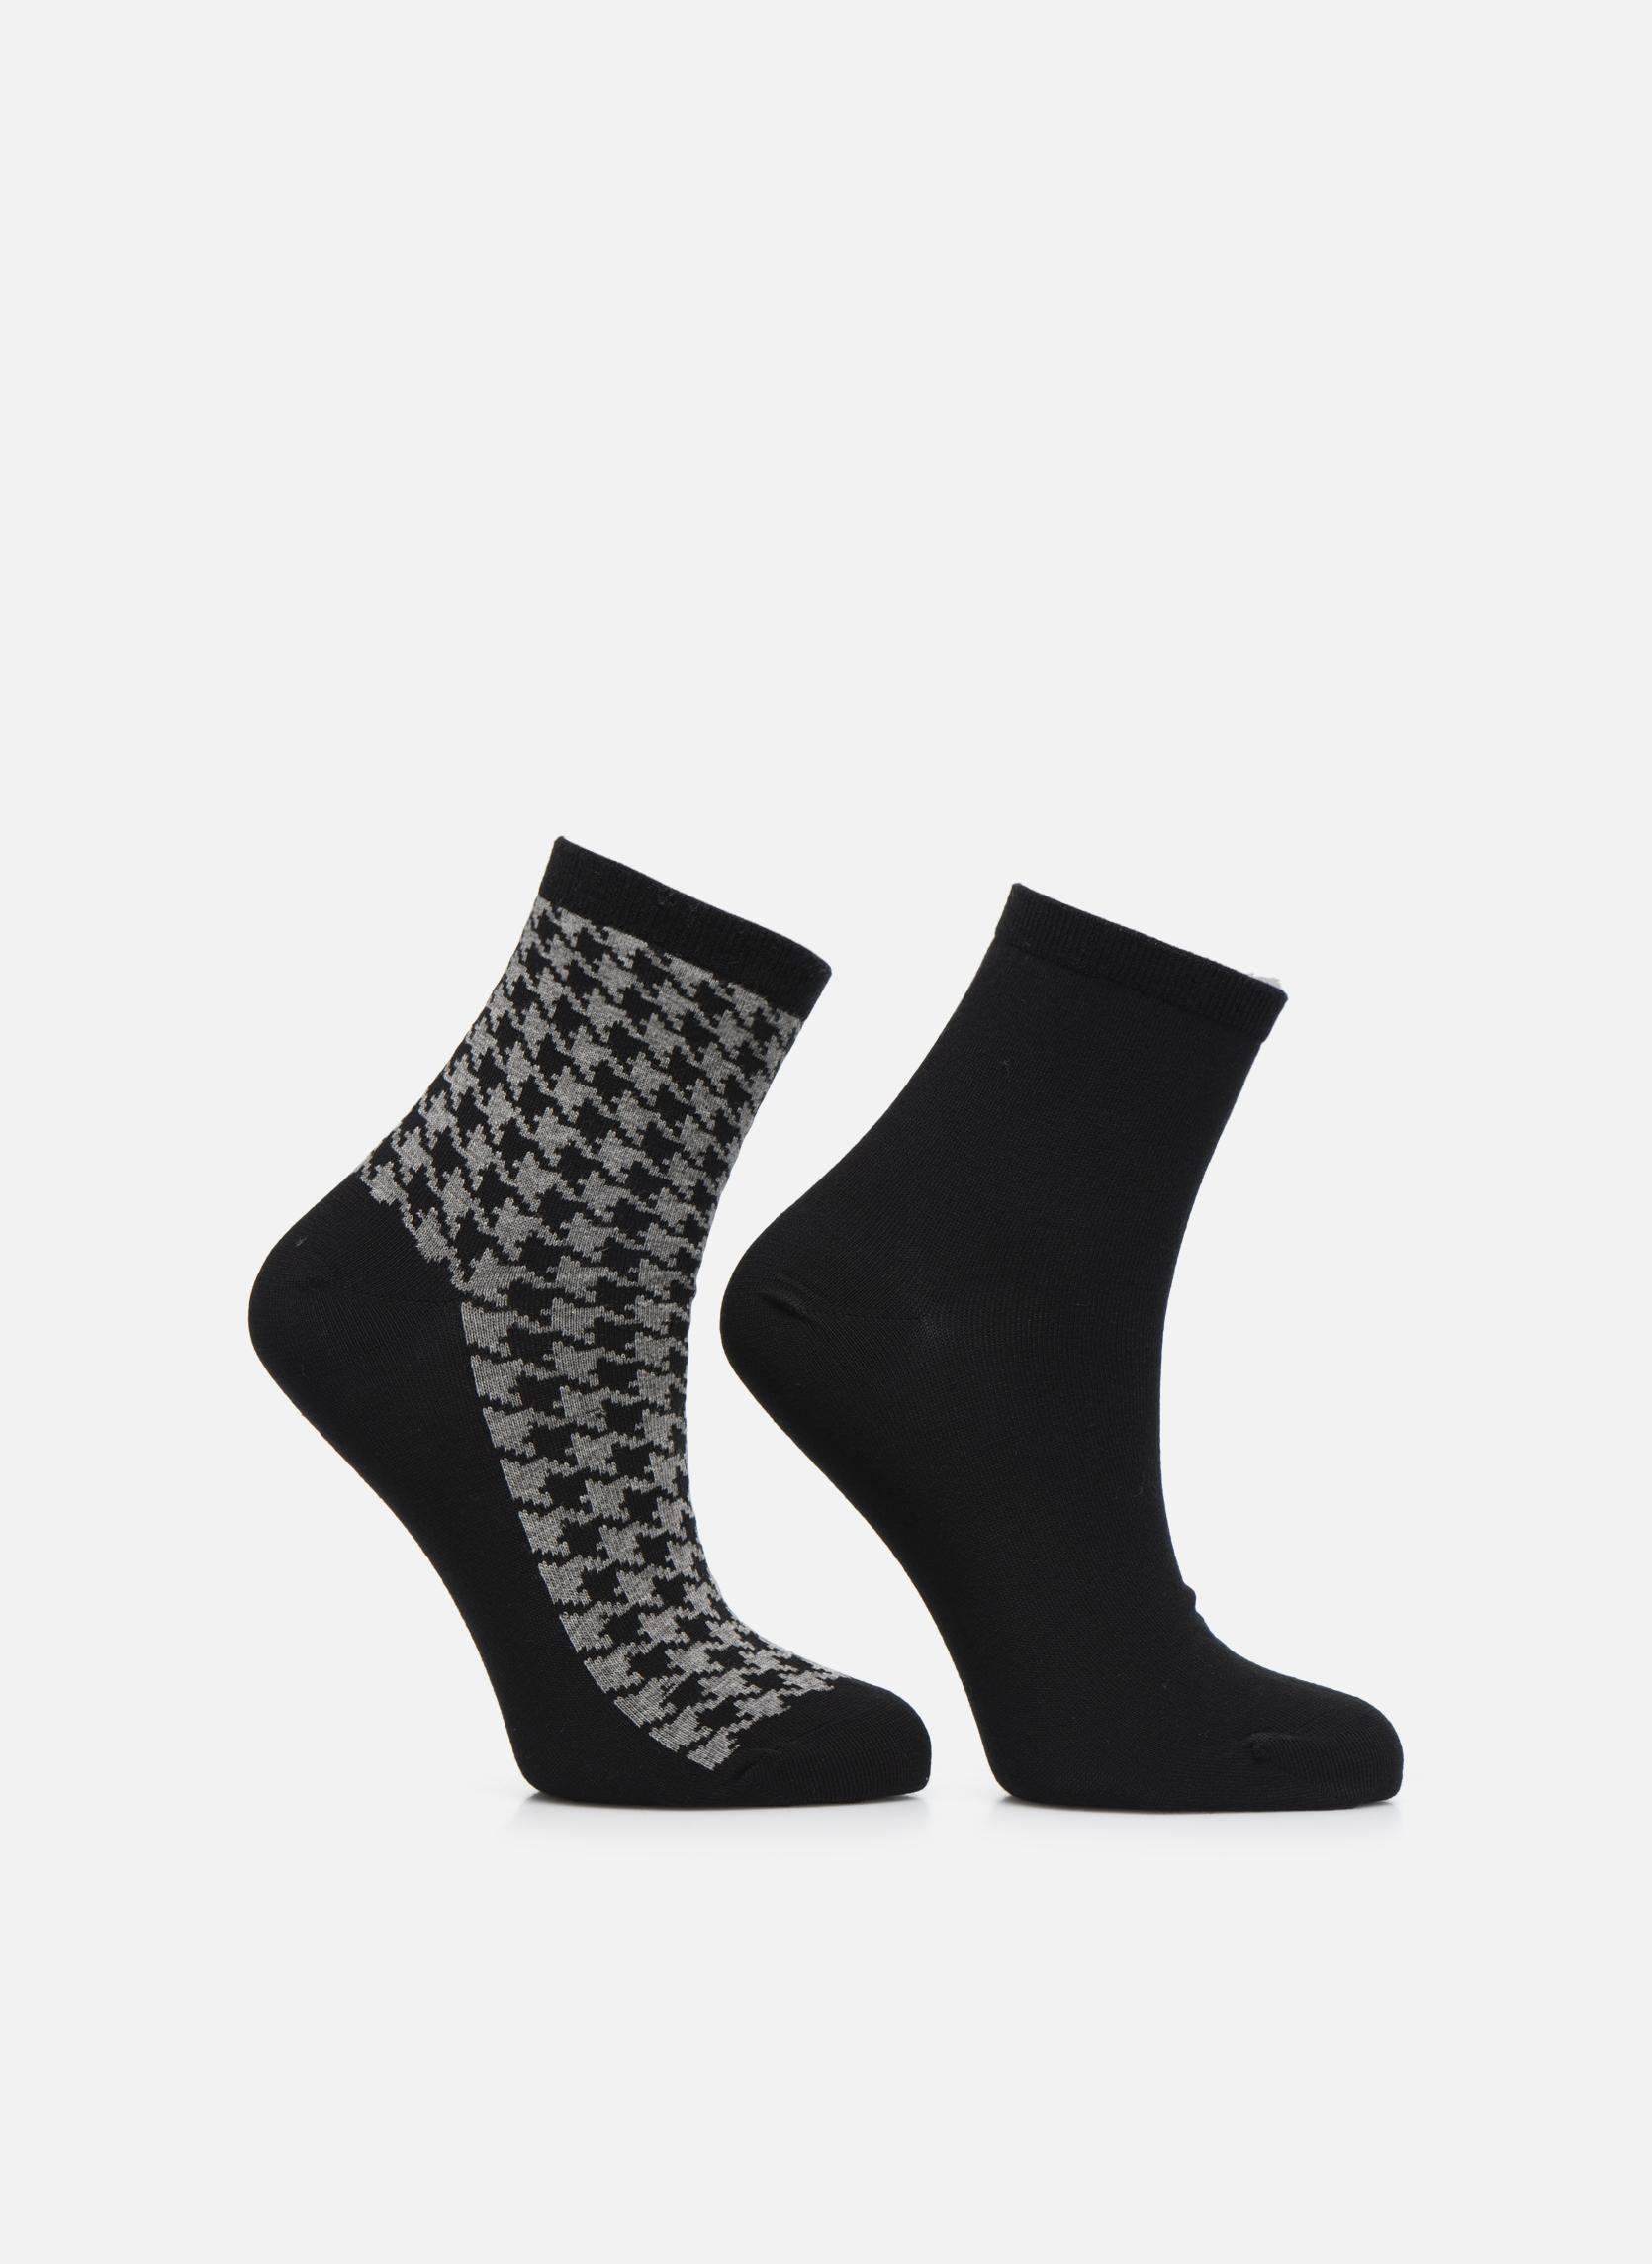 Sarenza Wear Chaussettes motif Pack de 2 femme coton